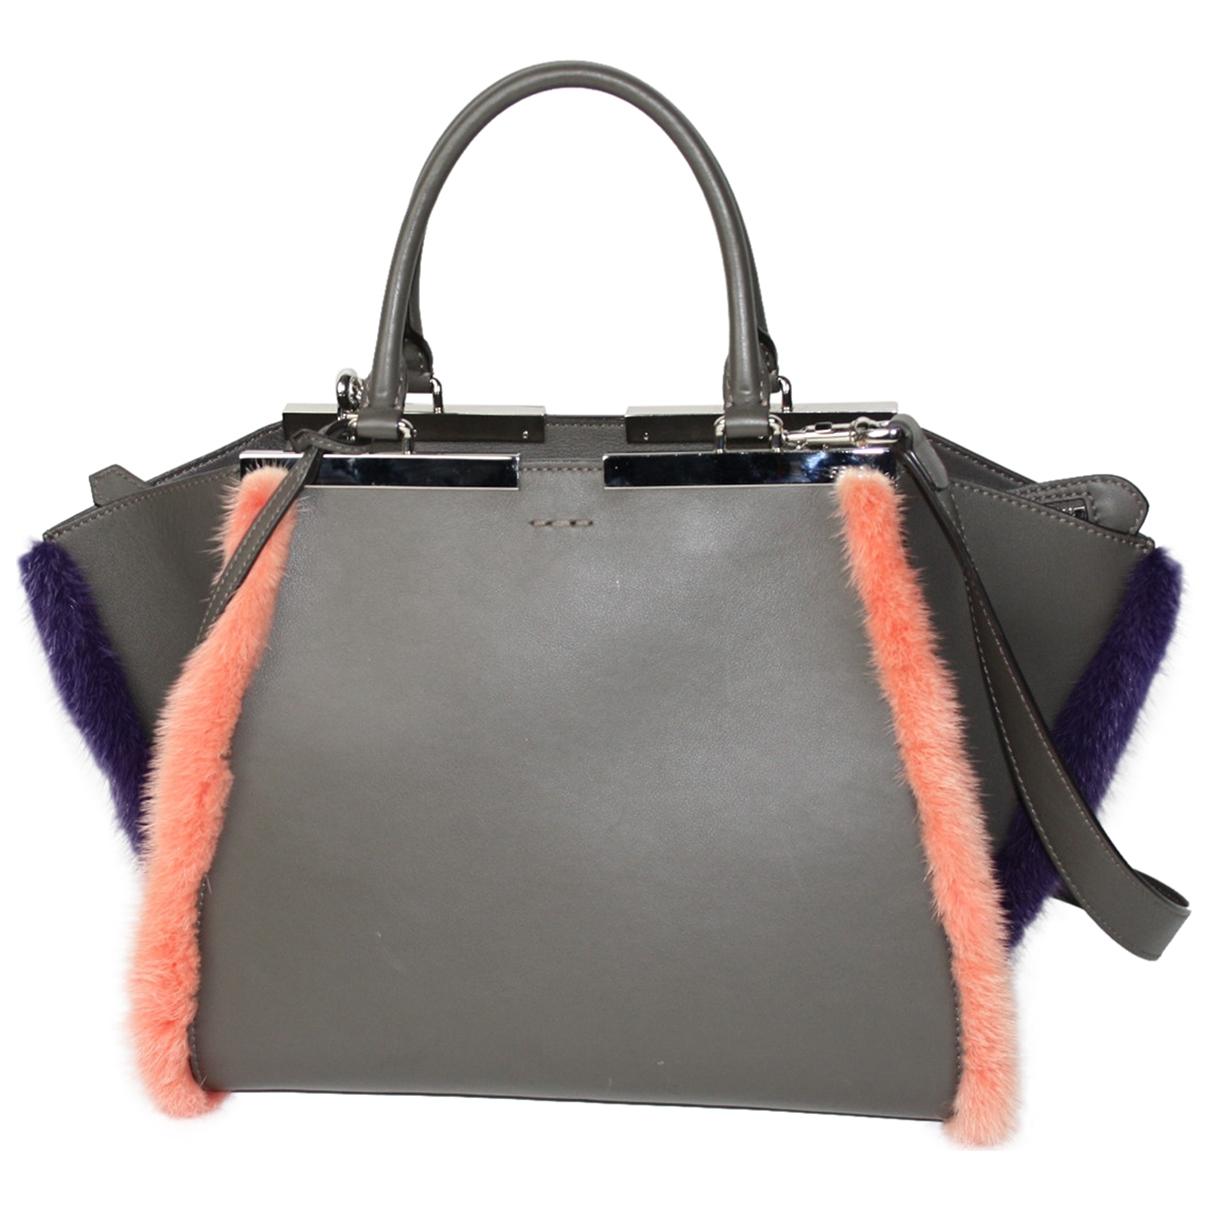 Fendi 3Jours Grey Leather handbag for Women \N